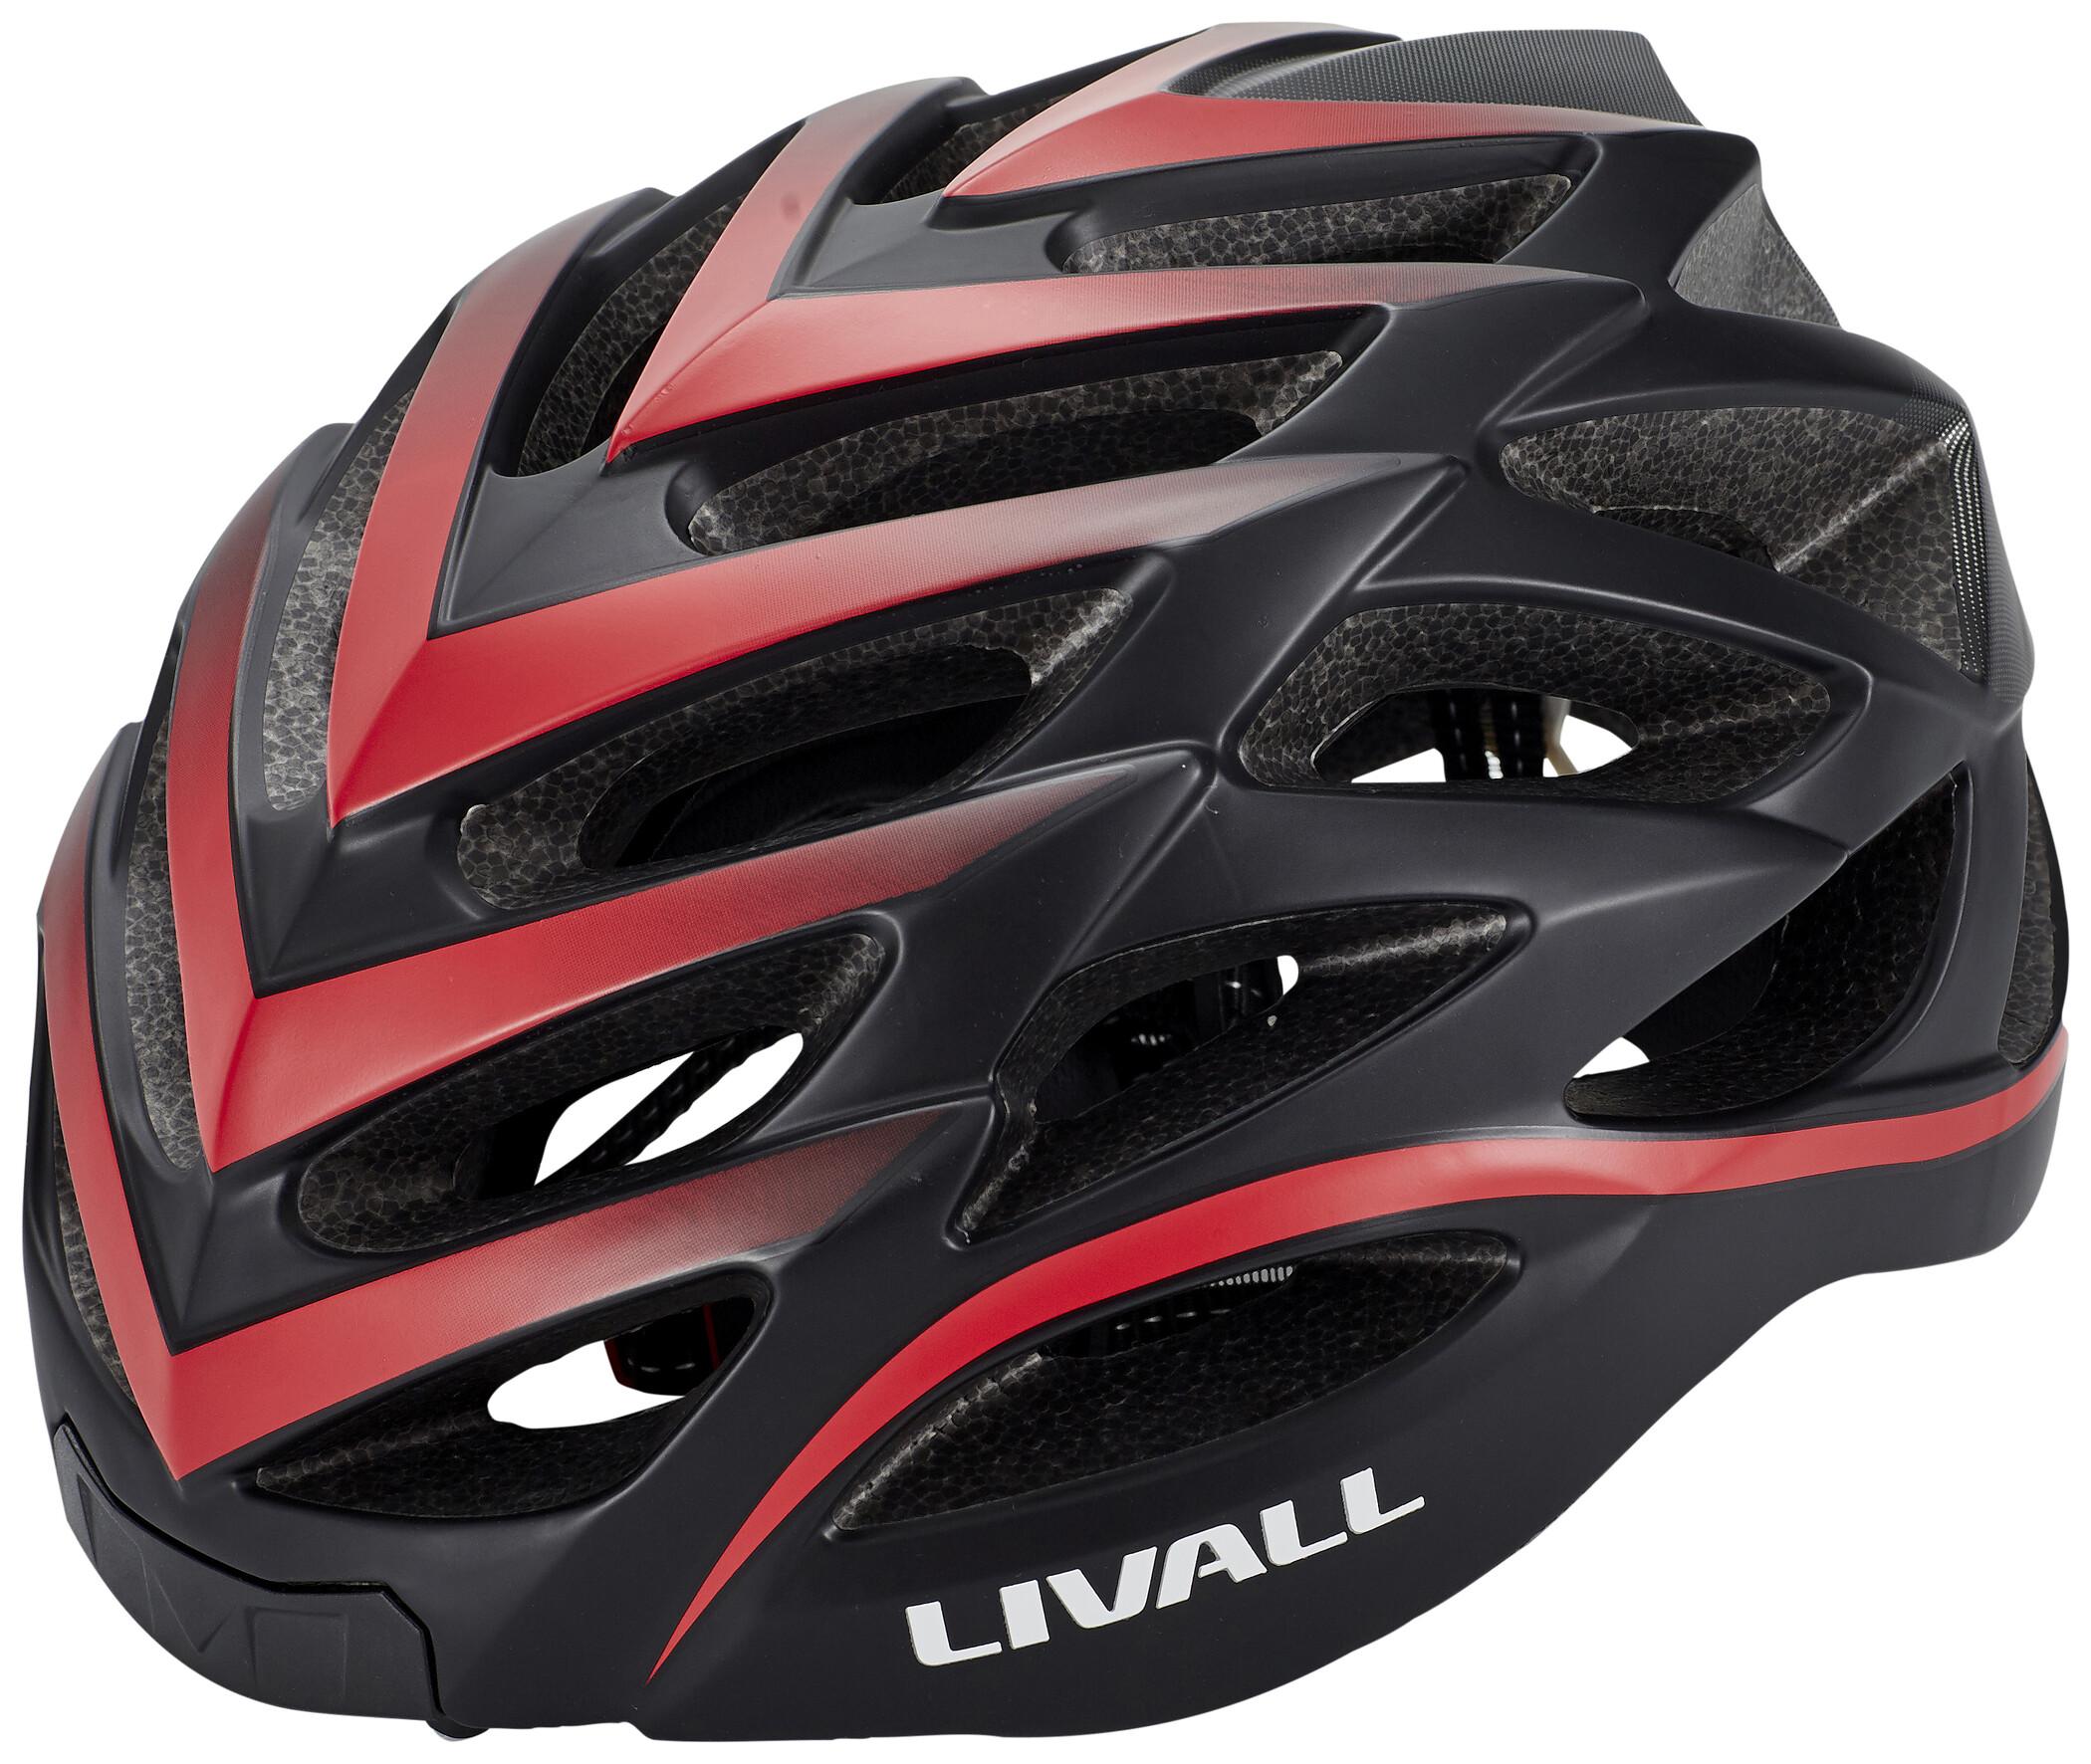 LIVALL BH62 Hjelm inkl. BR80, black/red (2020) | Helmets